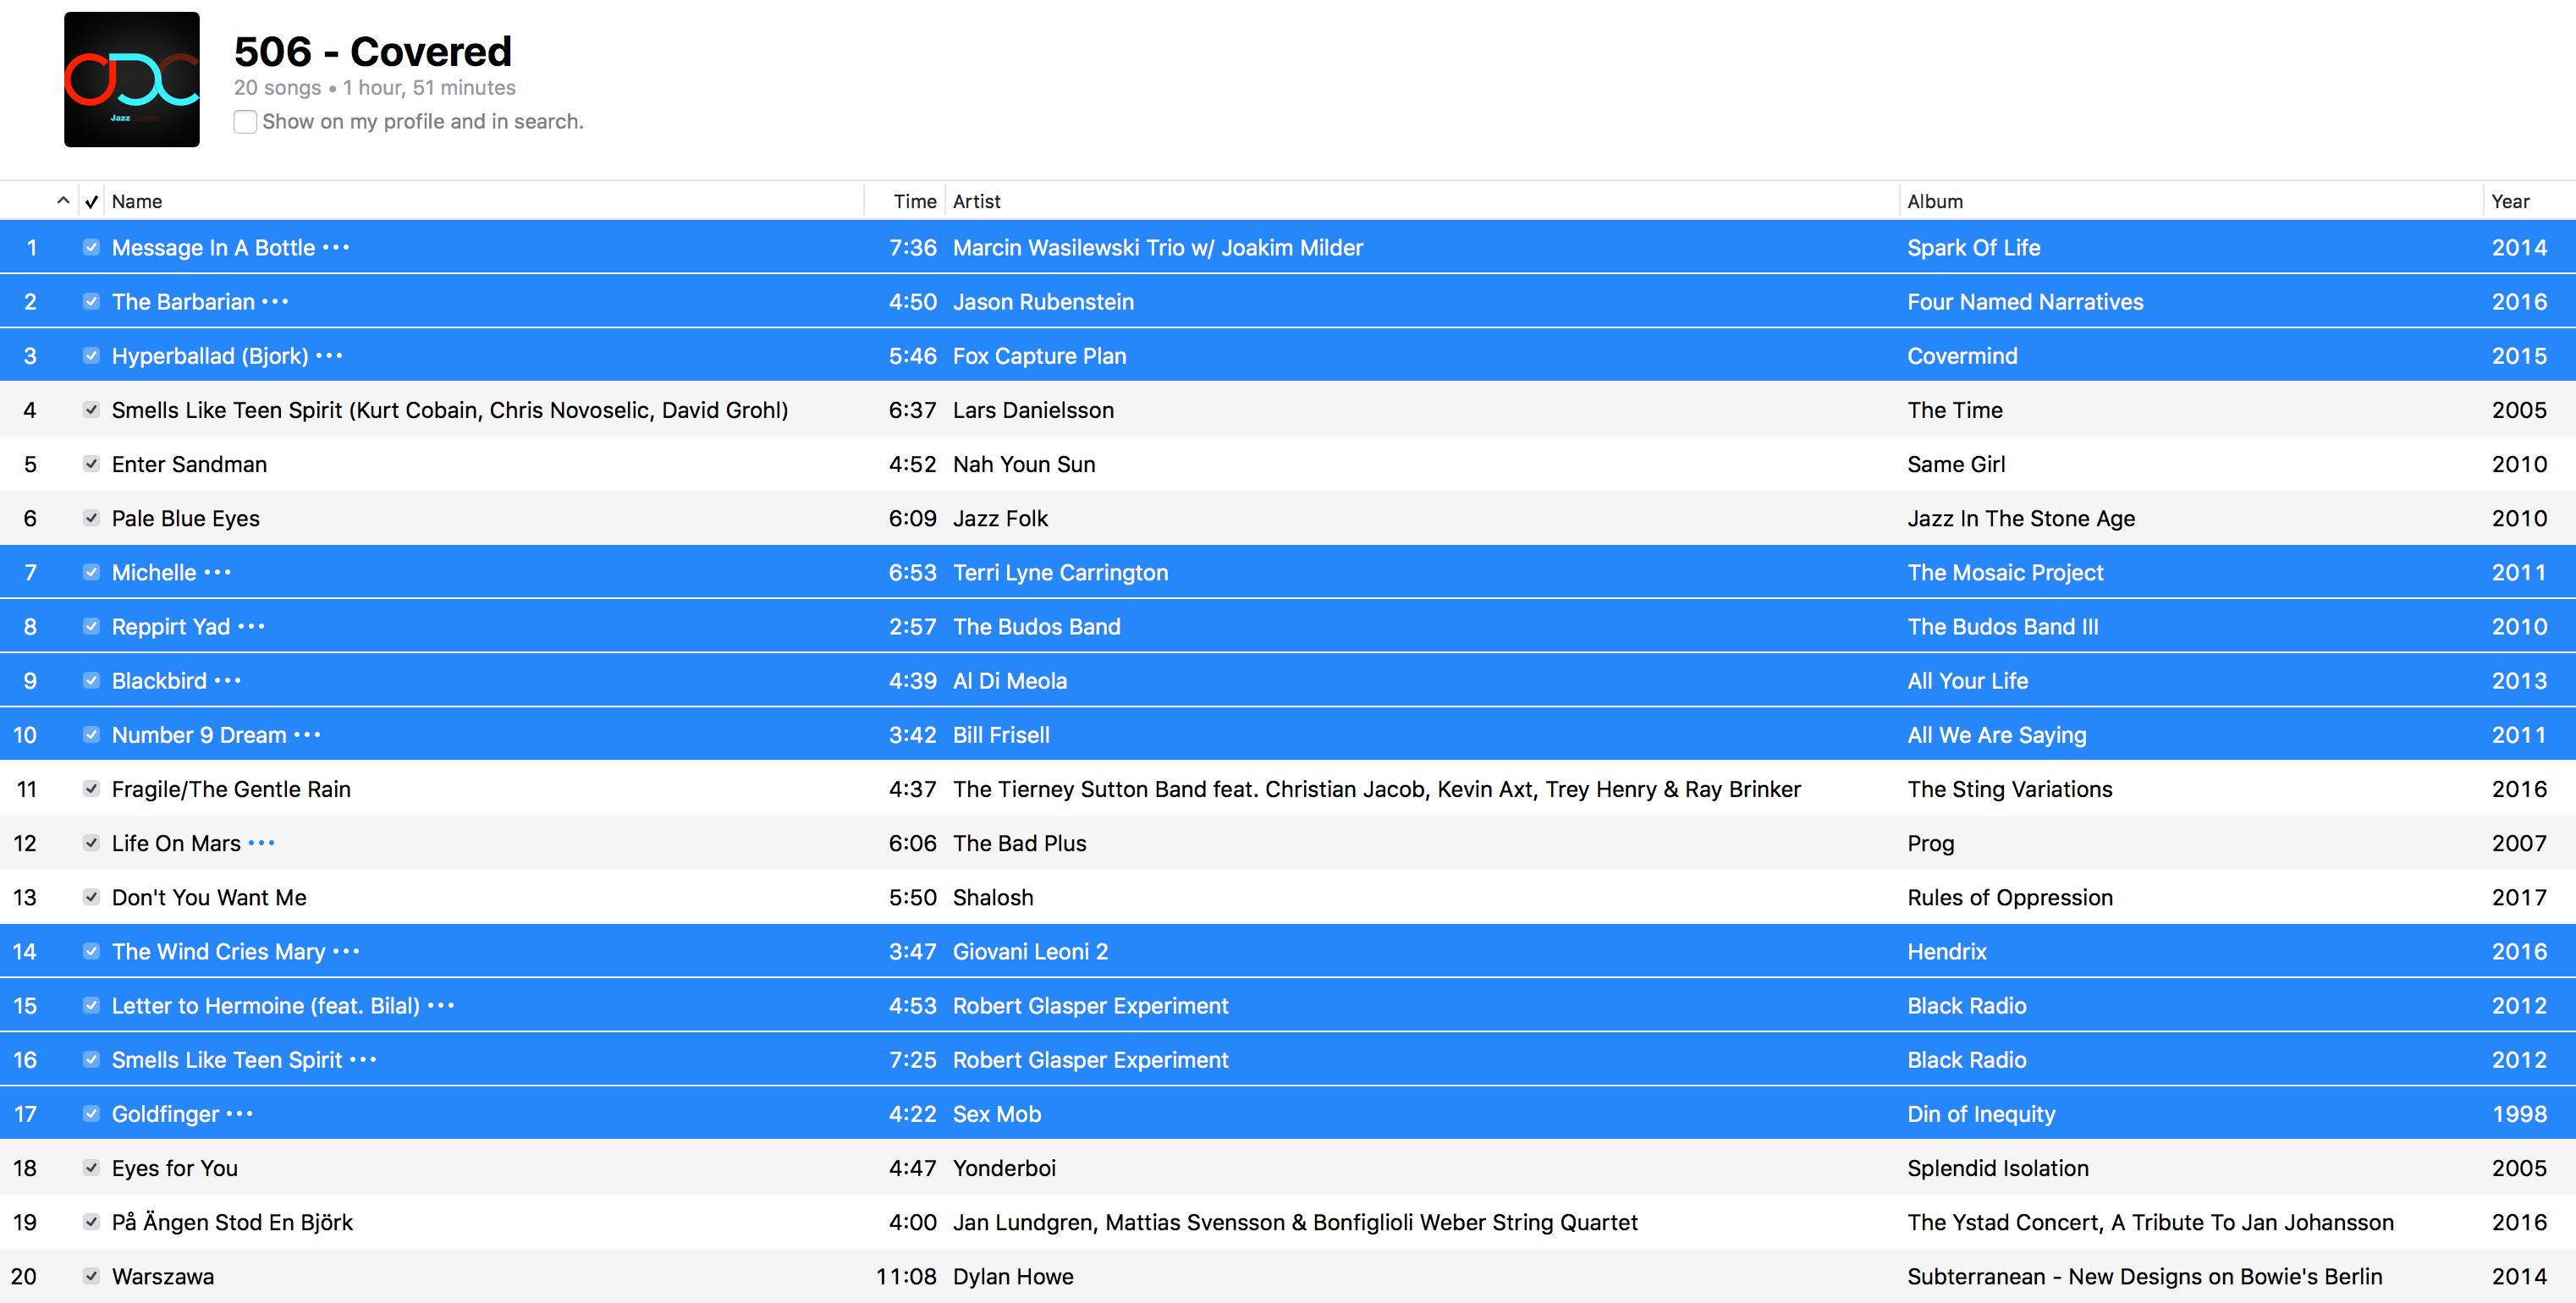 Jazz ODC #506 - Covered - Playlist